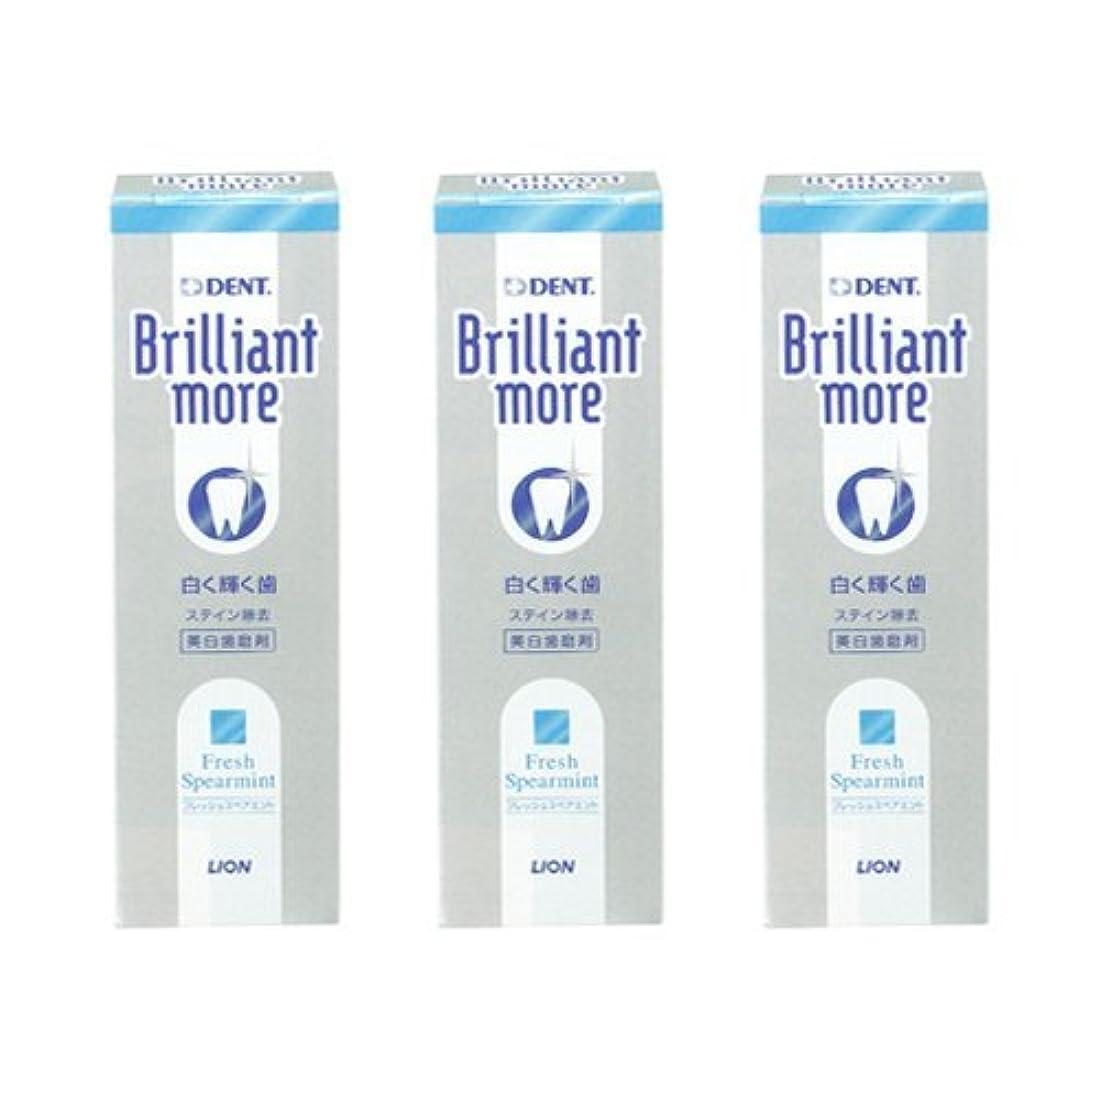 伝染病アナウンサー社会科ライオン ブリリアントモア フレッシュスペアミント 3本セット 美白歯磨剤 LION Brilliant more